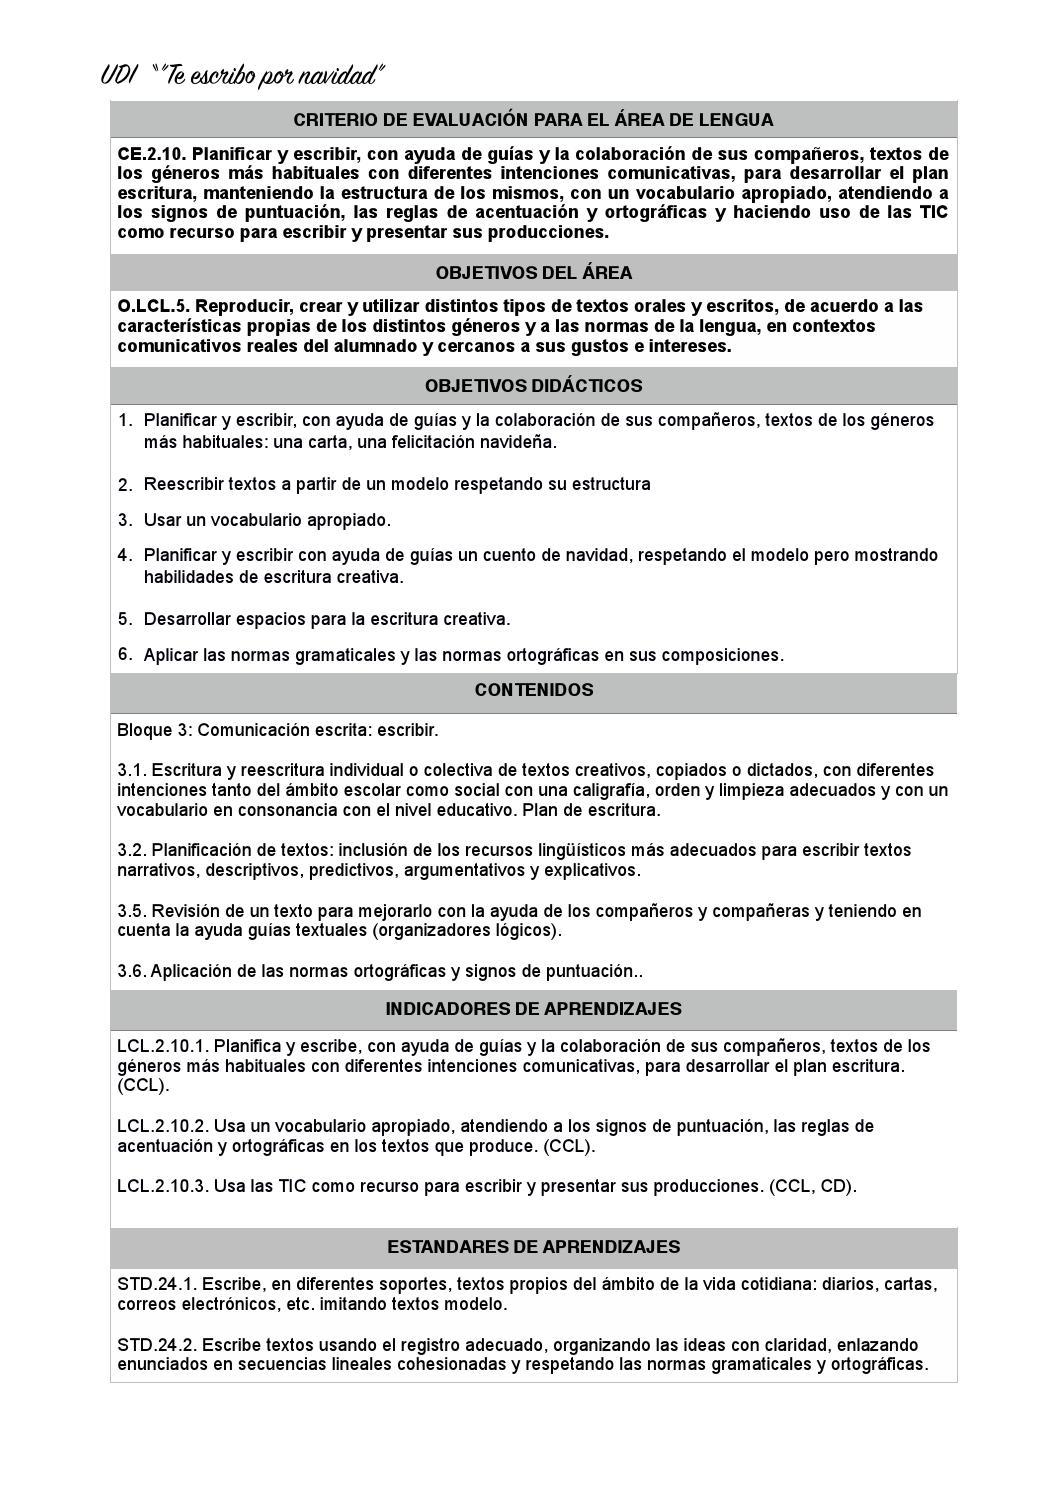 Como realizar un cv(usfq) by Universidad San Francisco de Quito USFQ ...